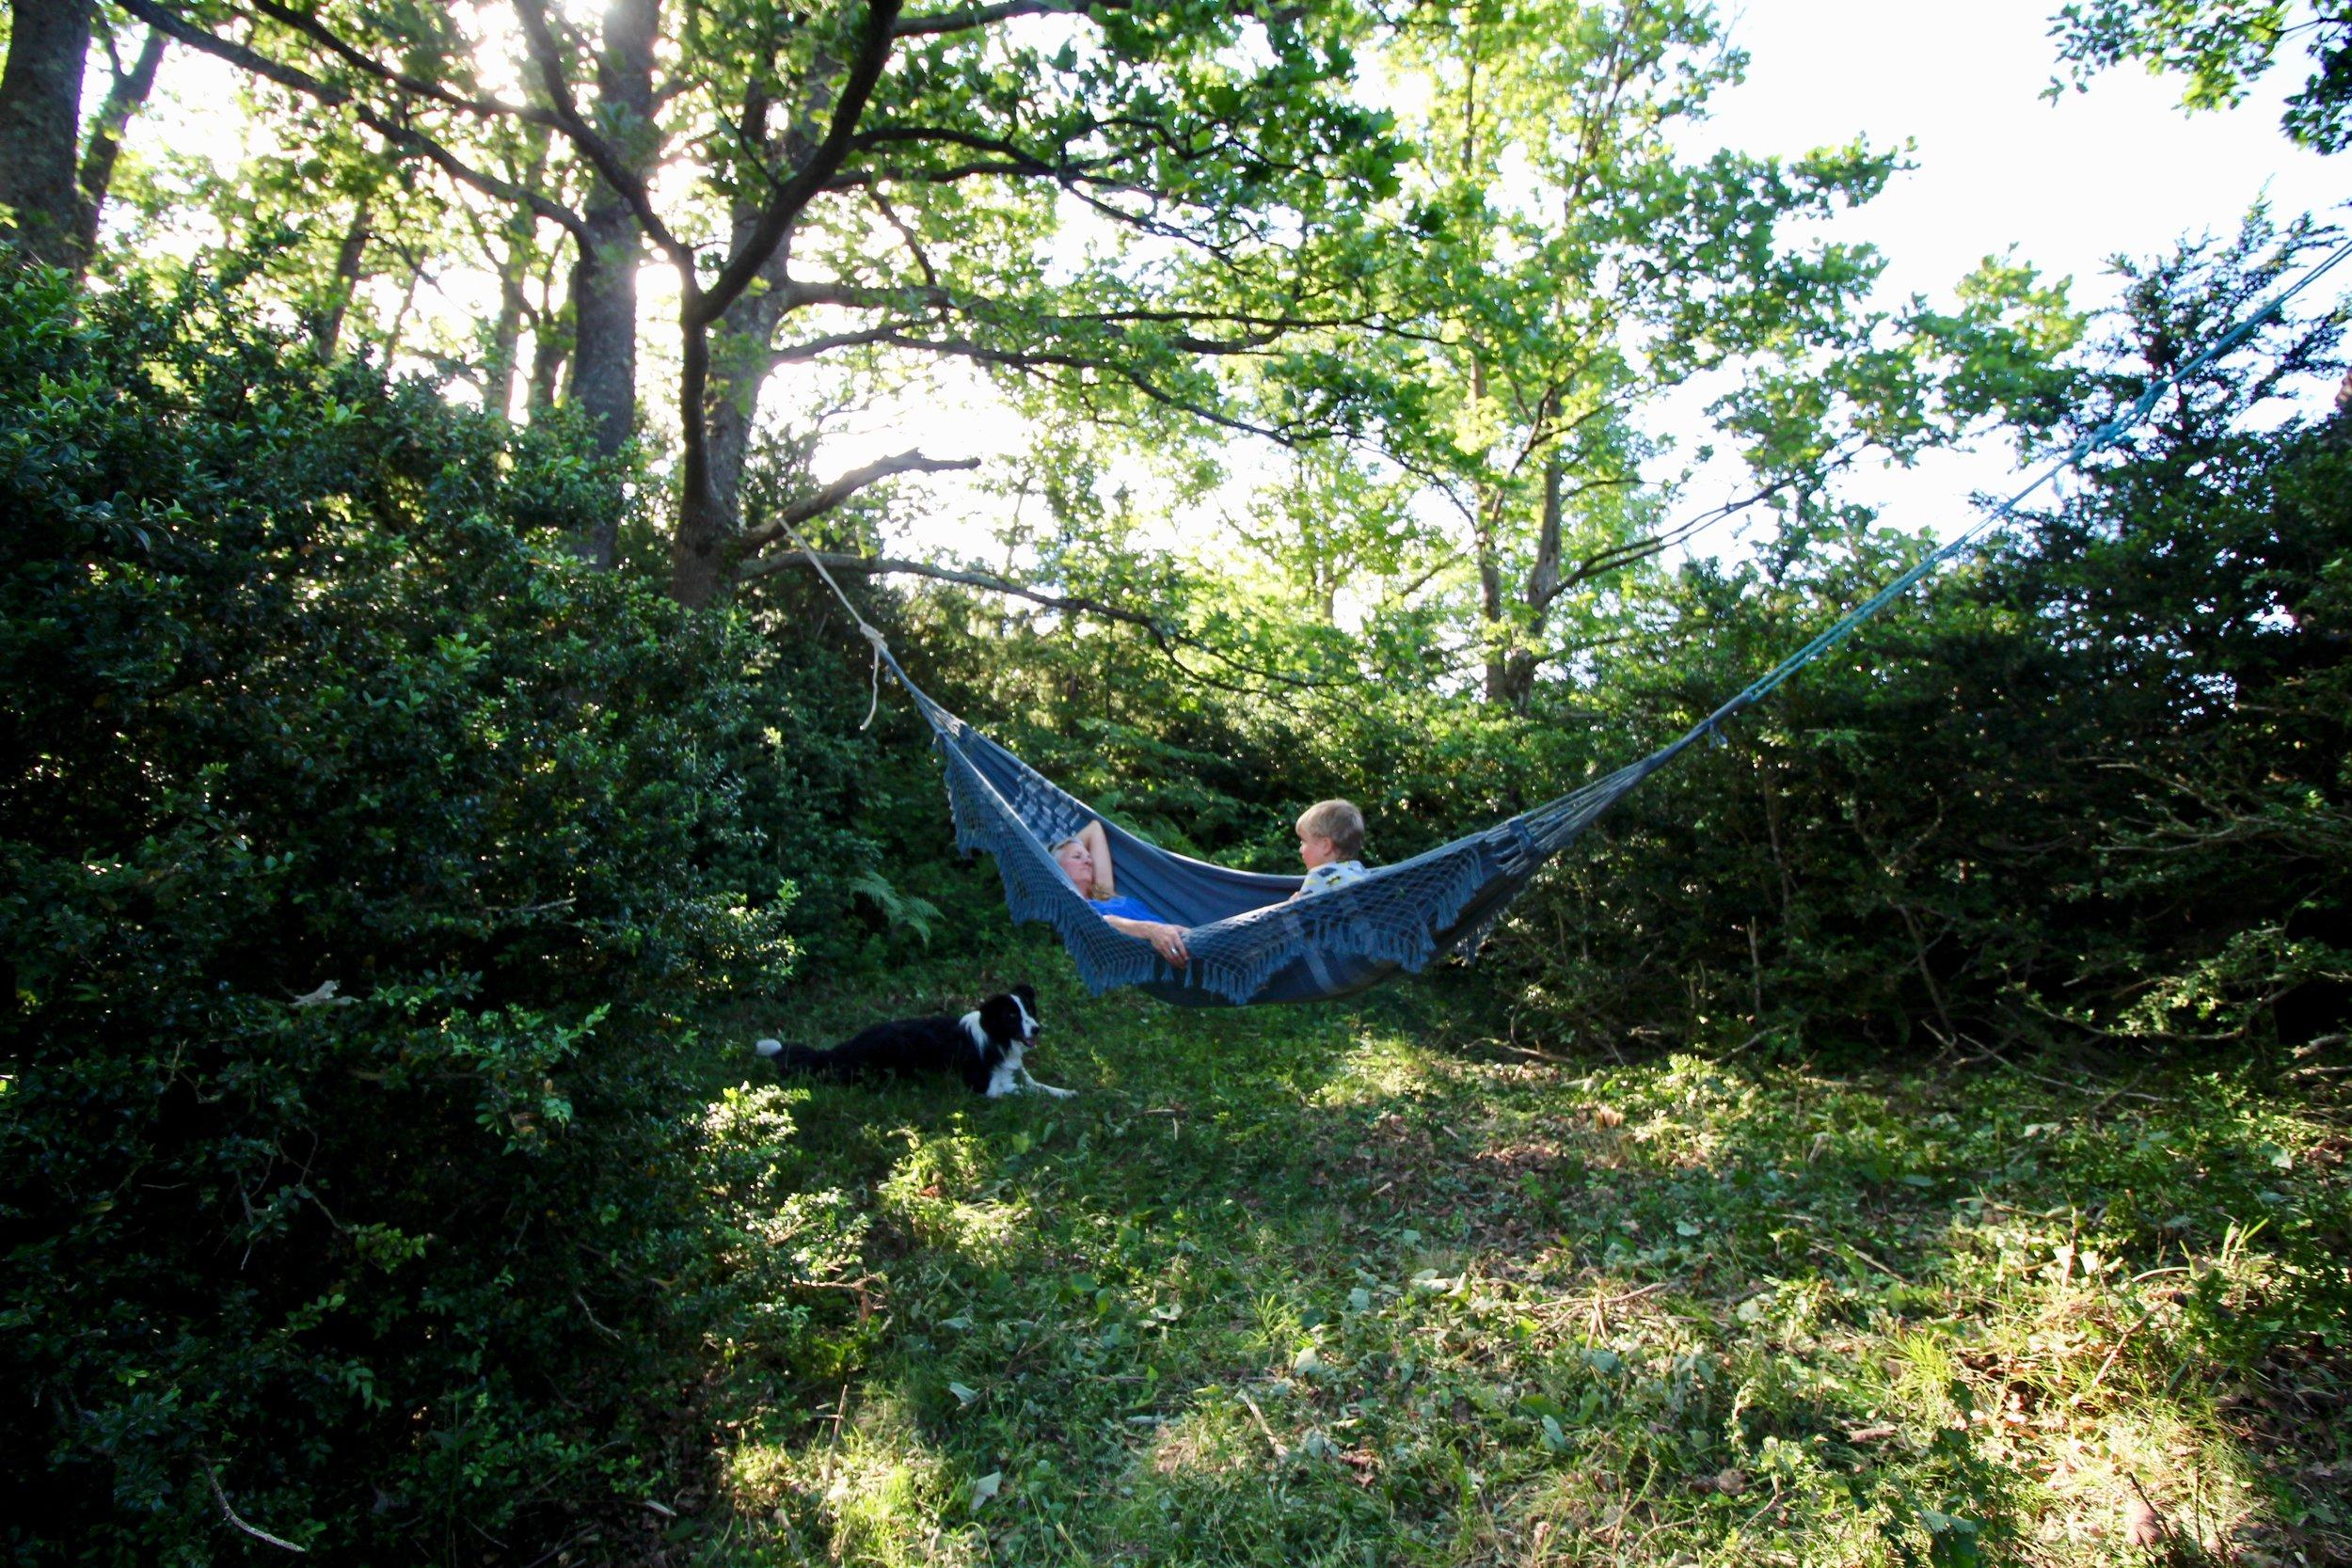 Secluded hammock spot